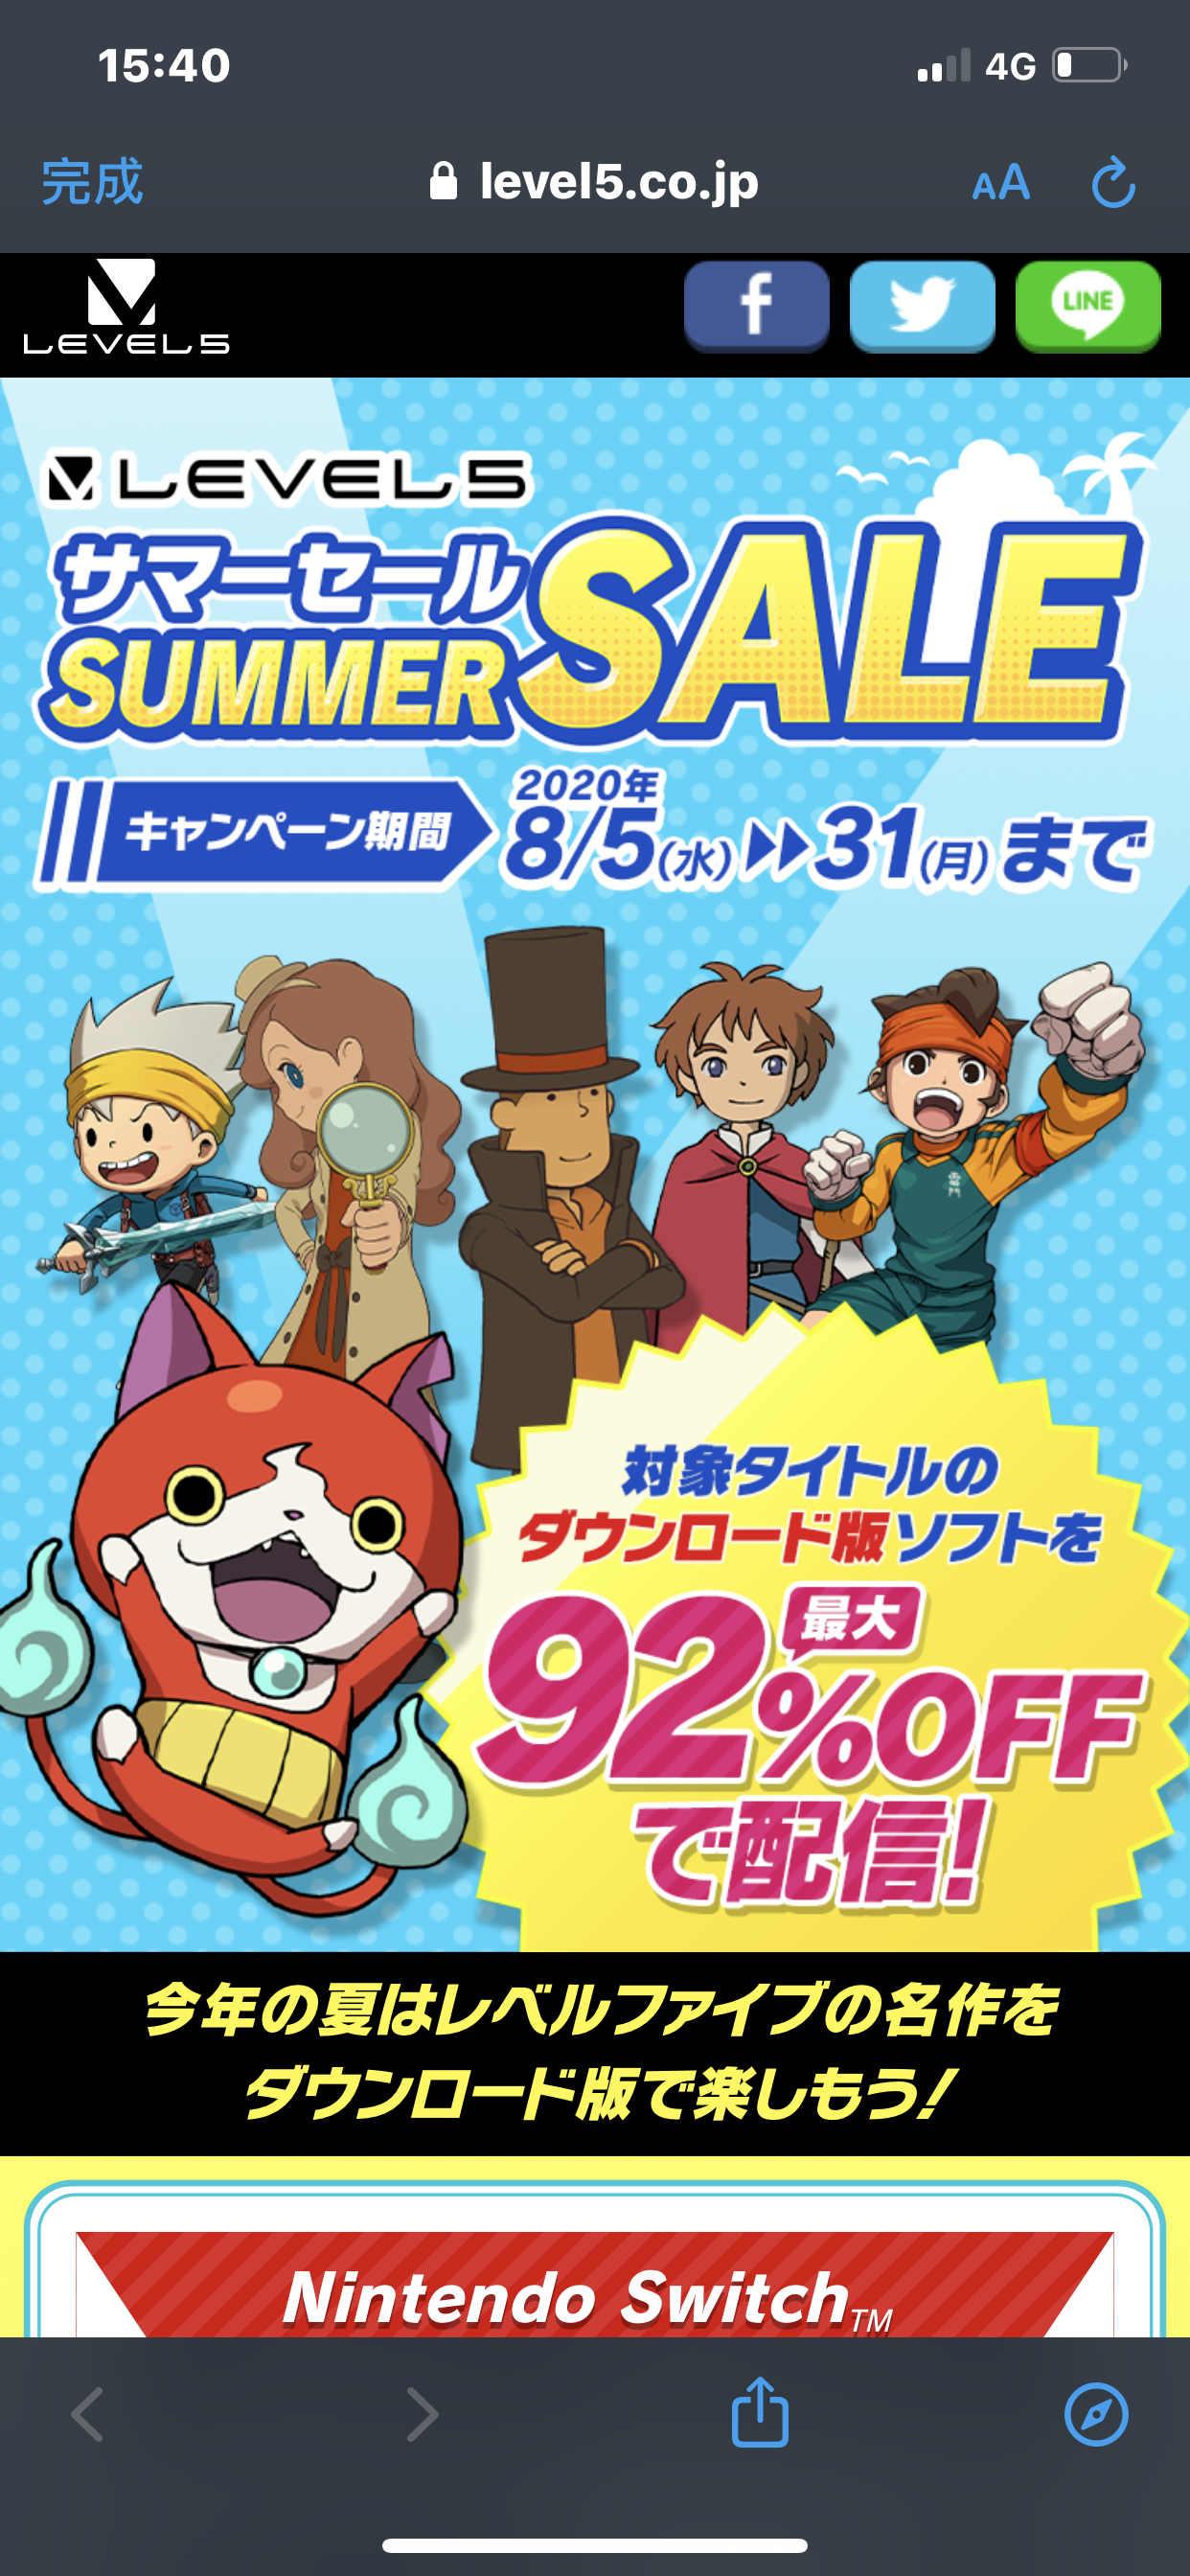 【情報】Level5 夏特 @NS / Nintendo Switch 哈啦板 - 巴哈姆特